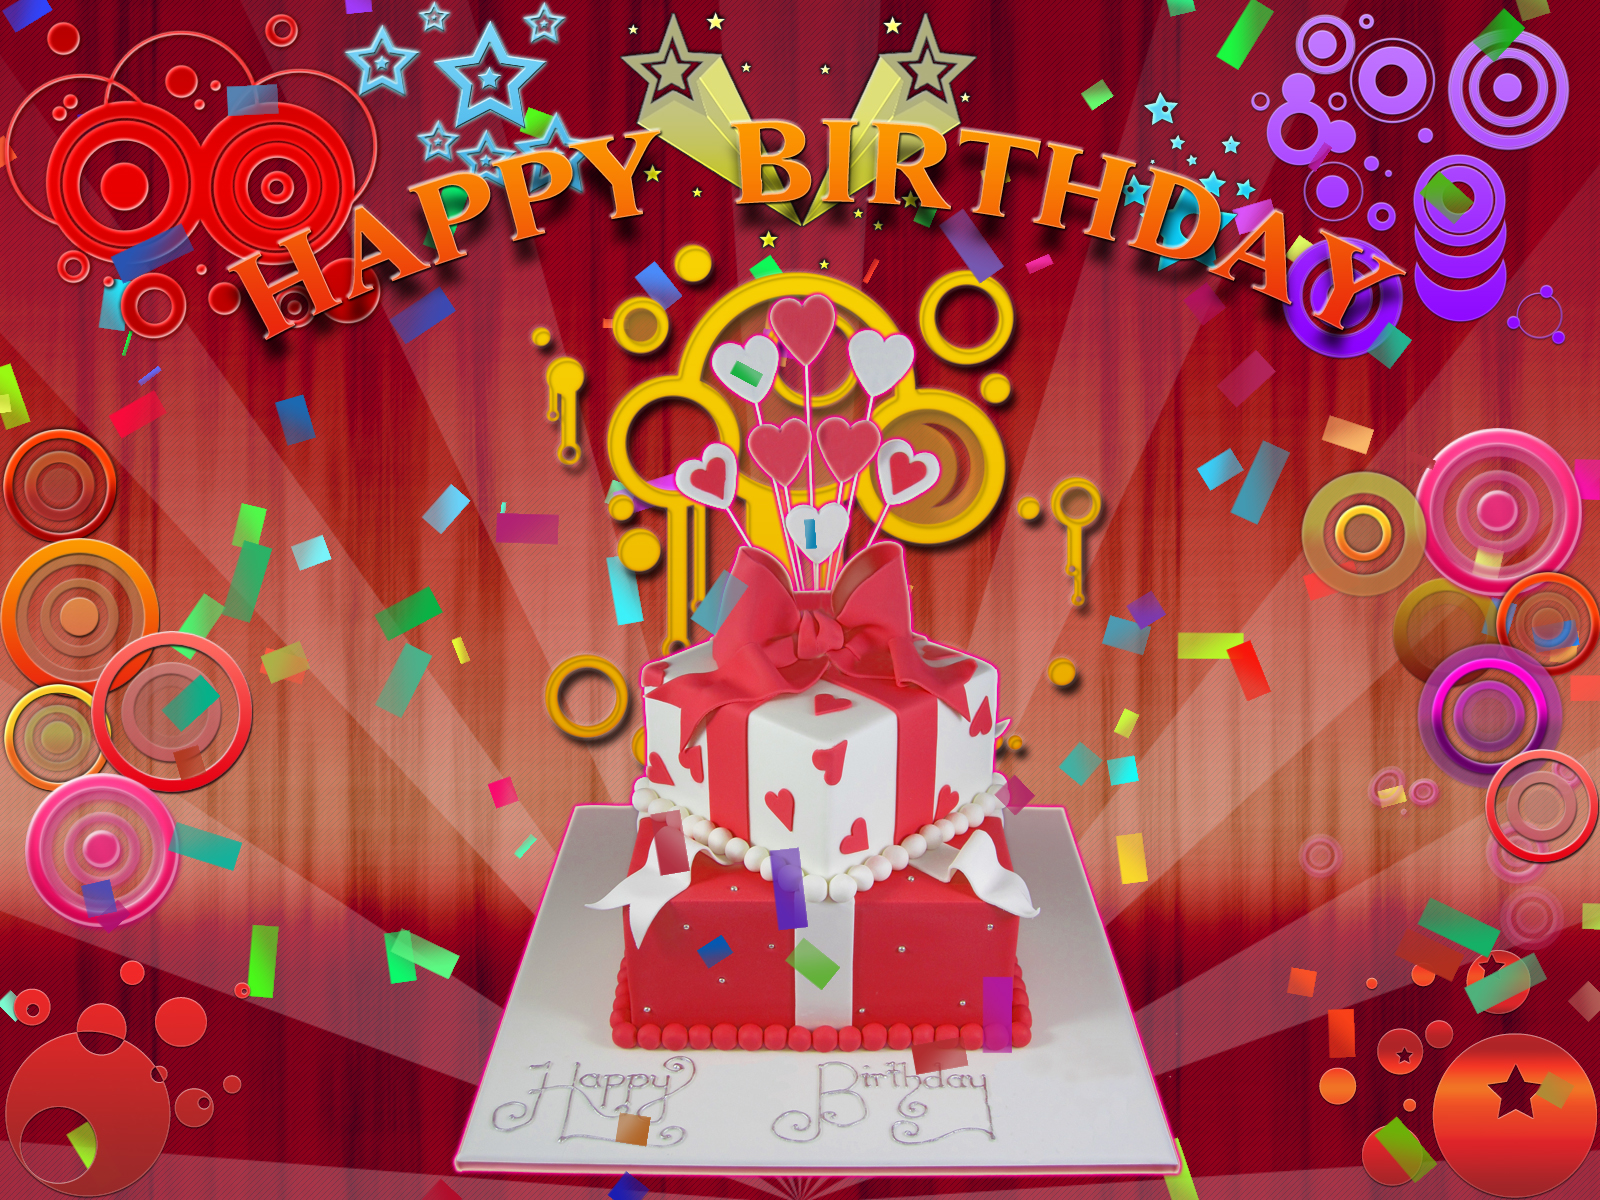 Free Birthday Screensavers and Wallpaper WallpaperSafari